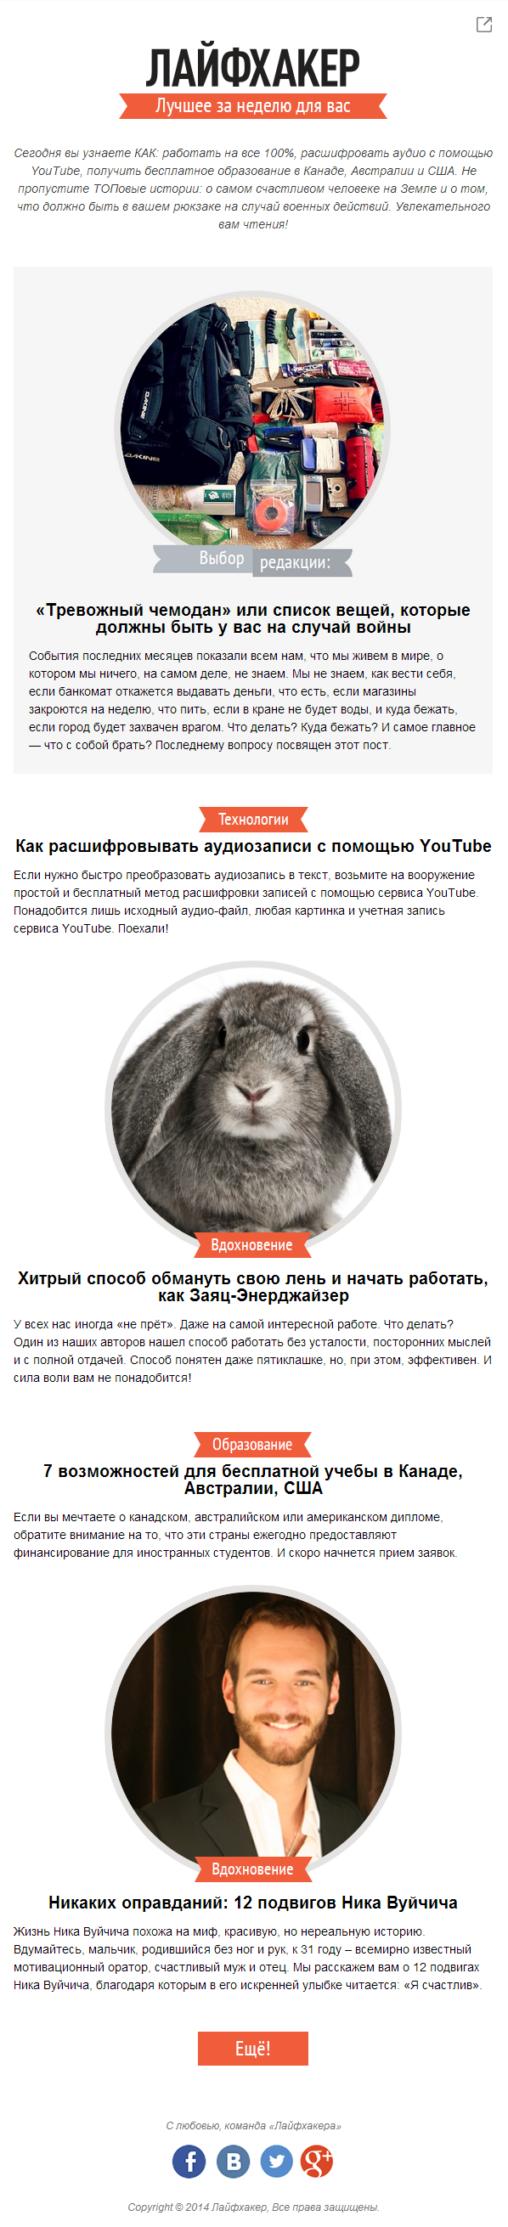 Лайфхакер: newsletter